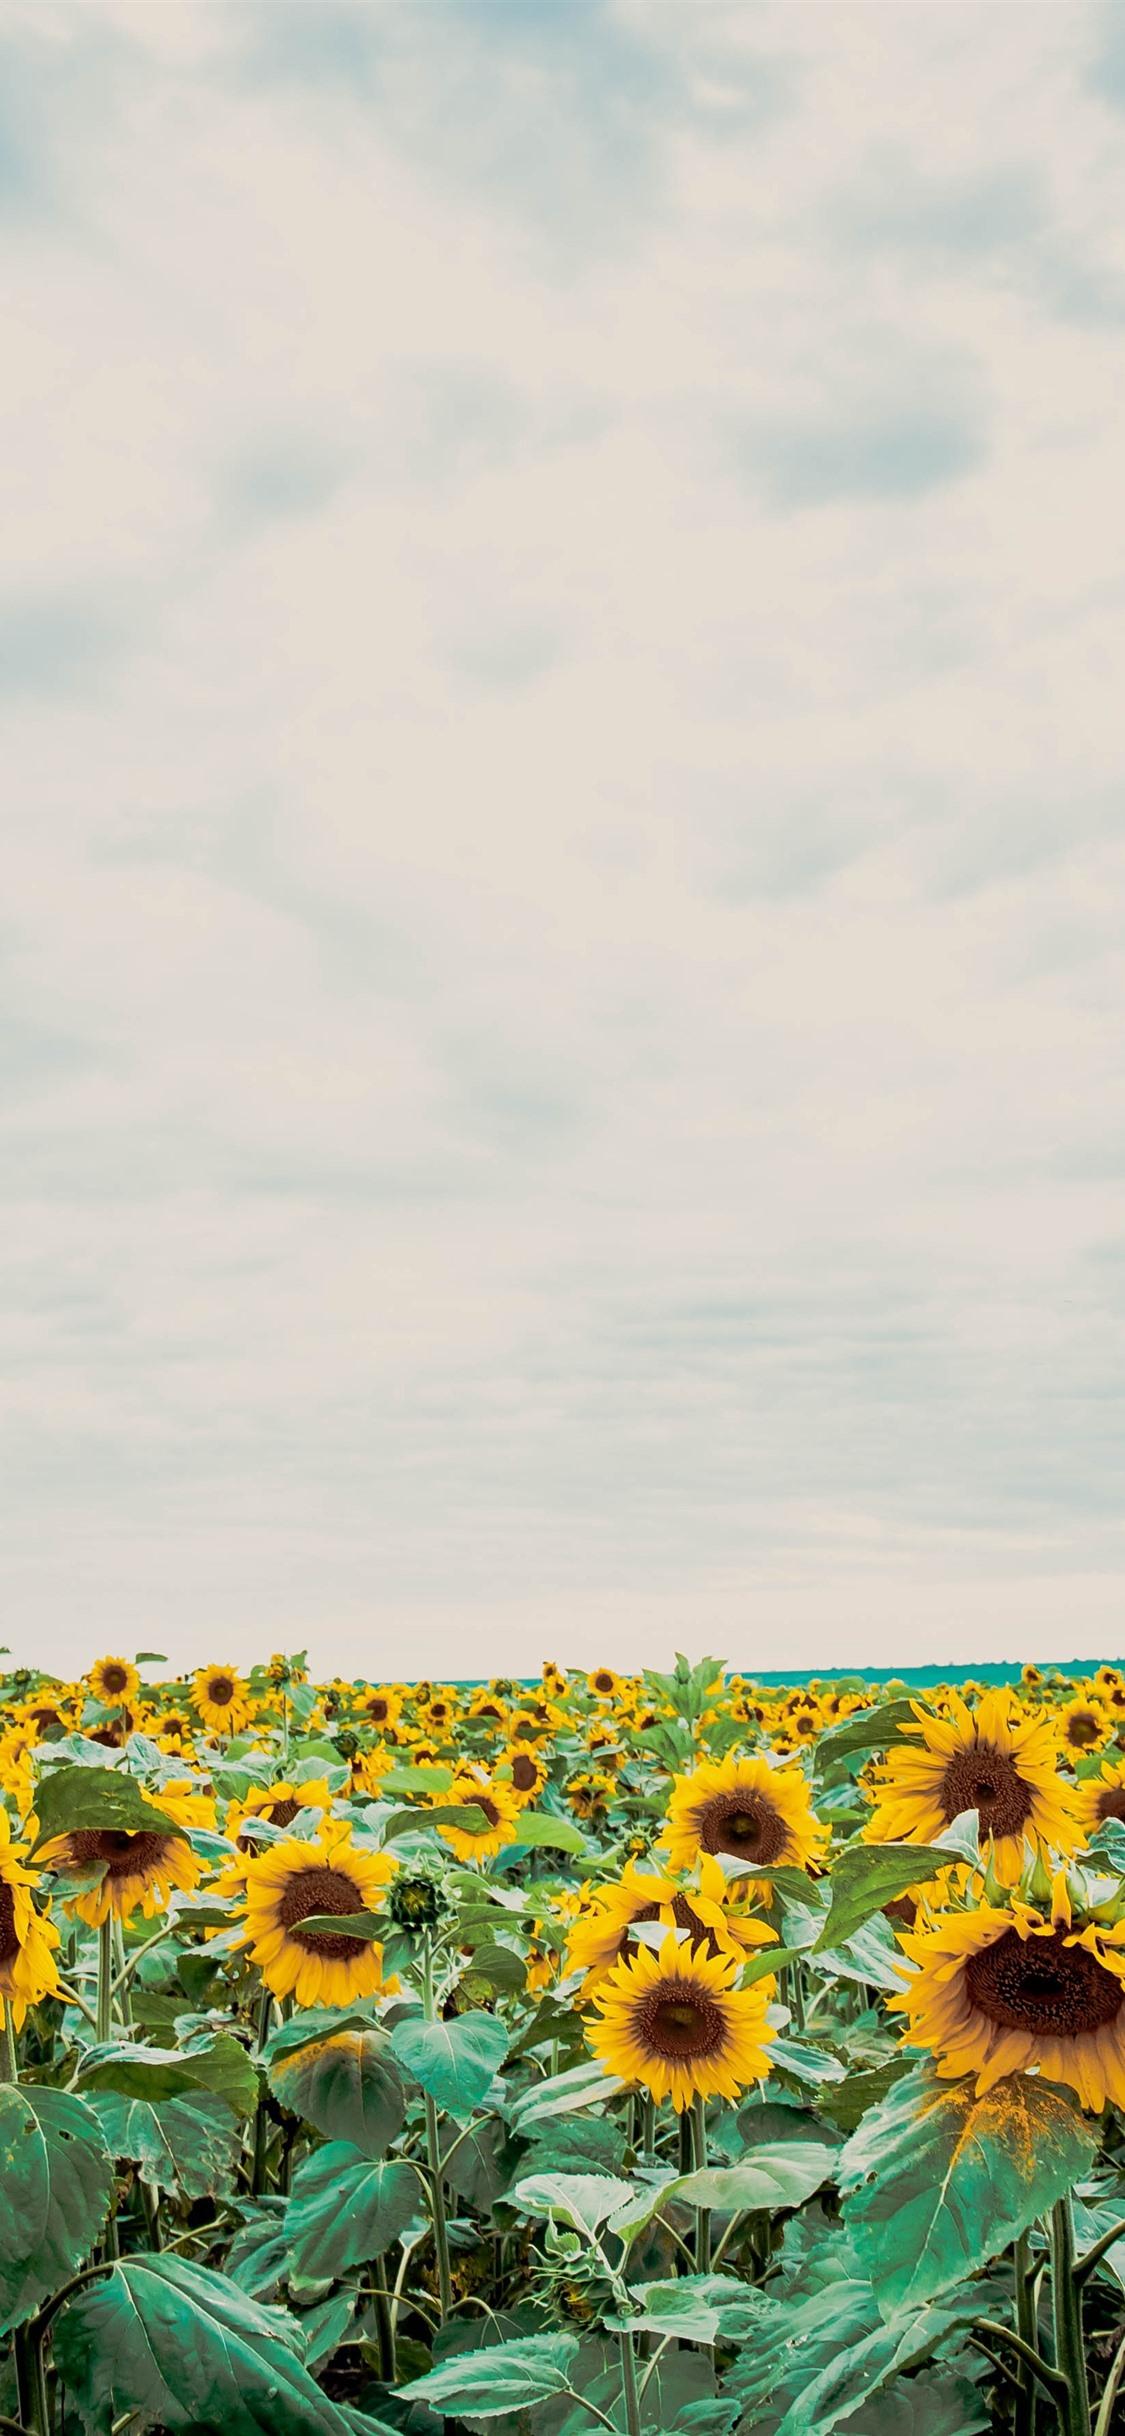 Iphone X Wallpaper Sunflower 2352106 Hd Wallpaper